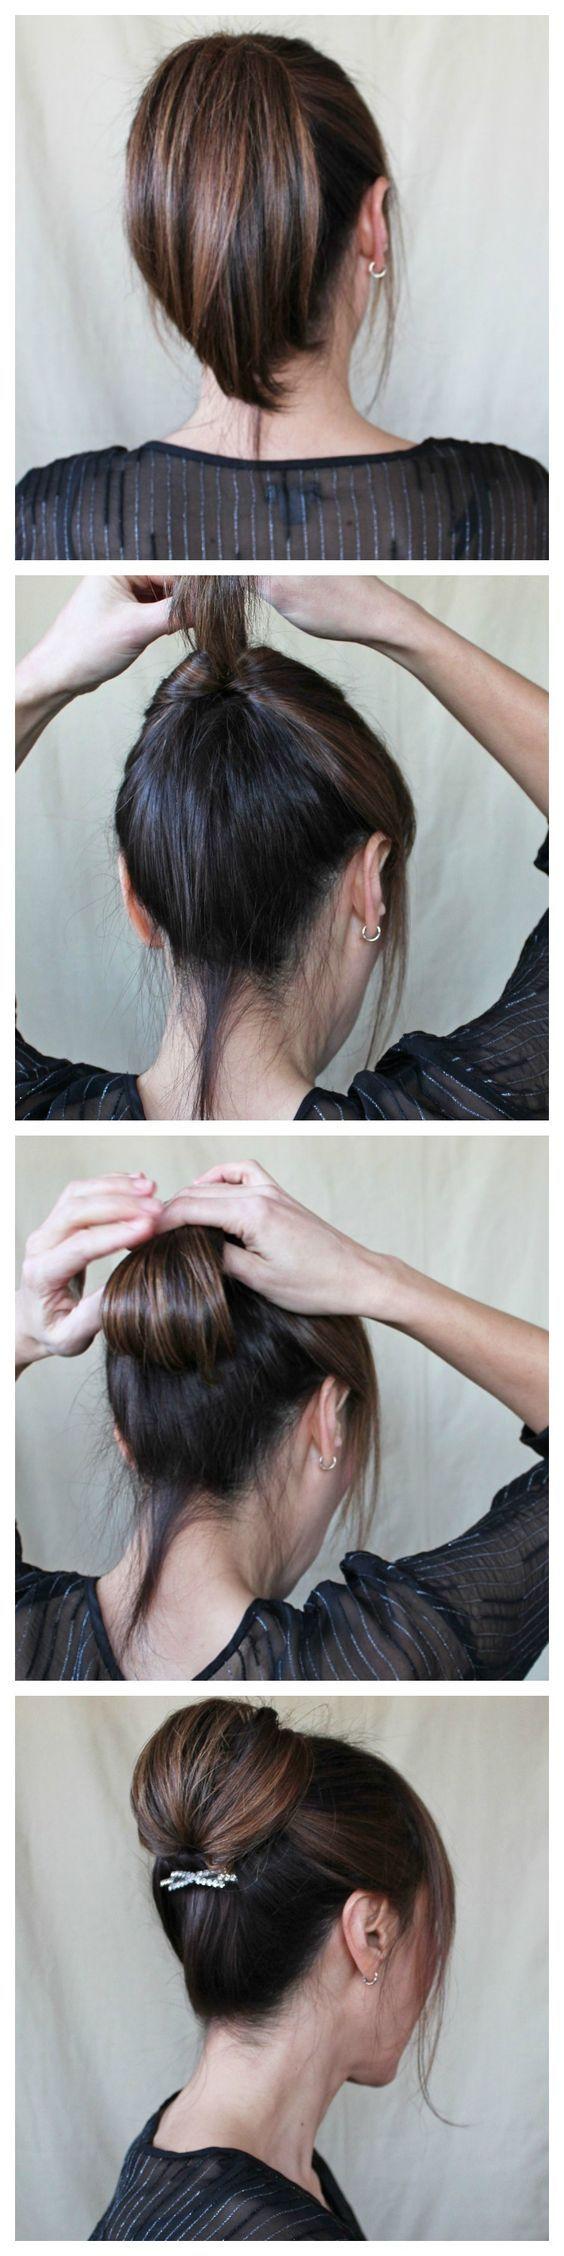 peinado elegante, paso del pelo por abajo